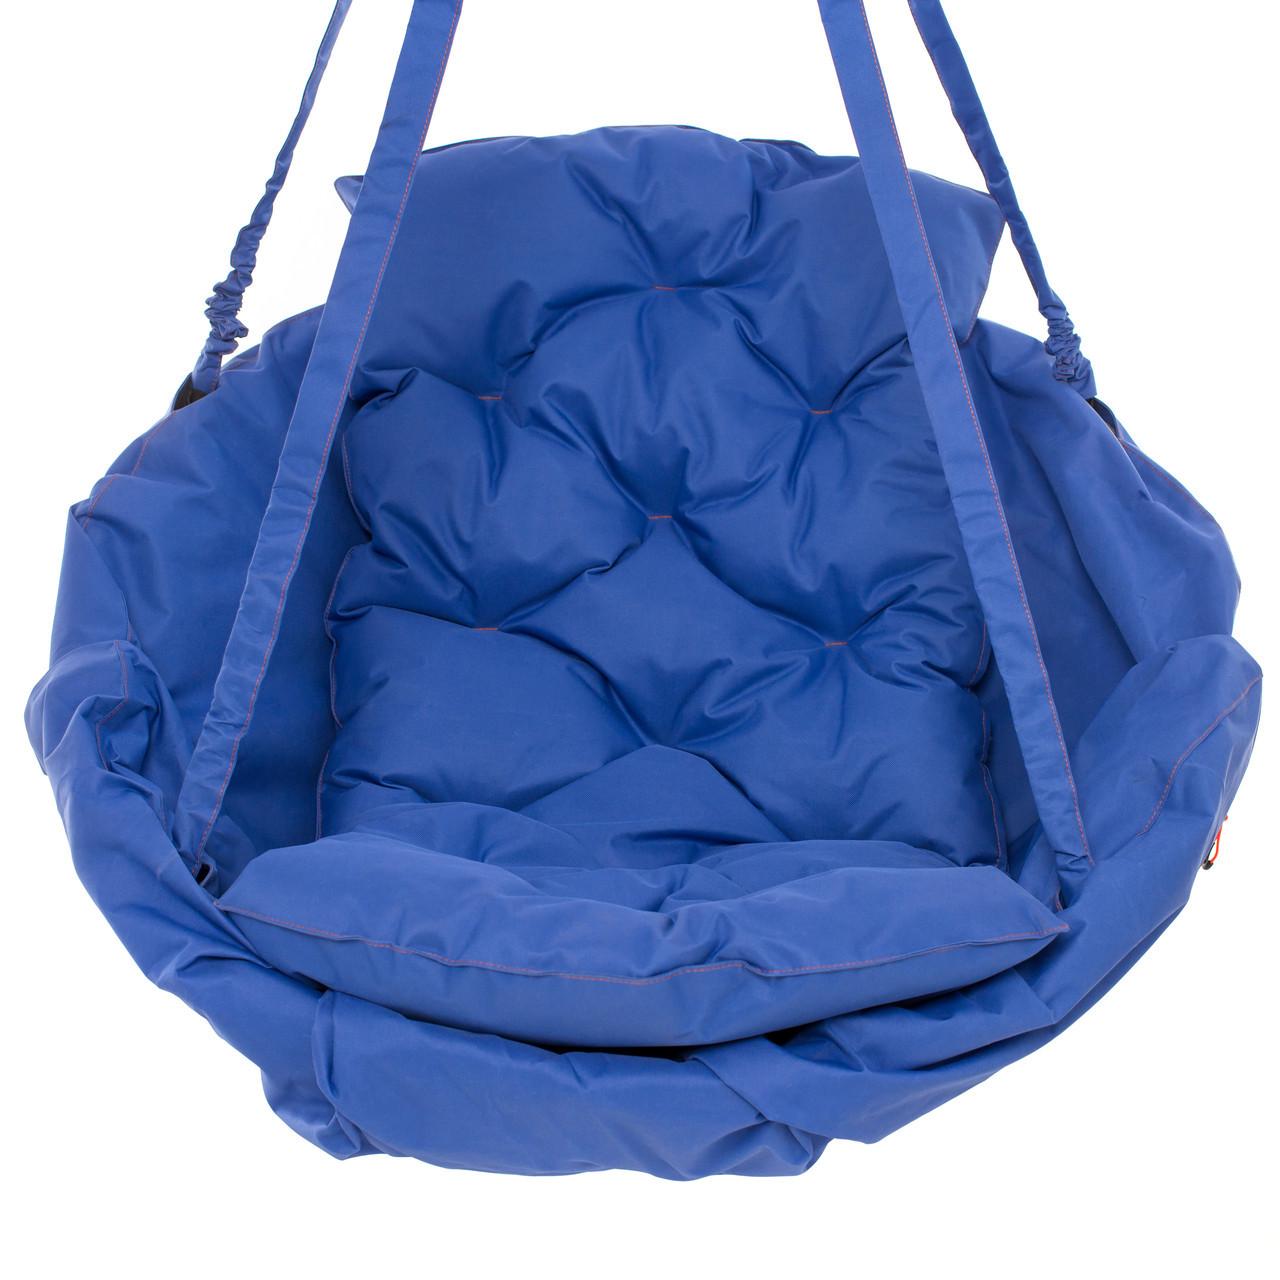 Подвесные садовые качели Kospa без подставки прямоугольная подушка 250 кг - 120 см Синий